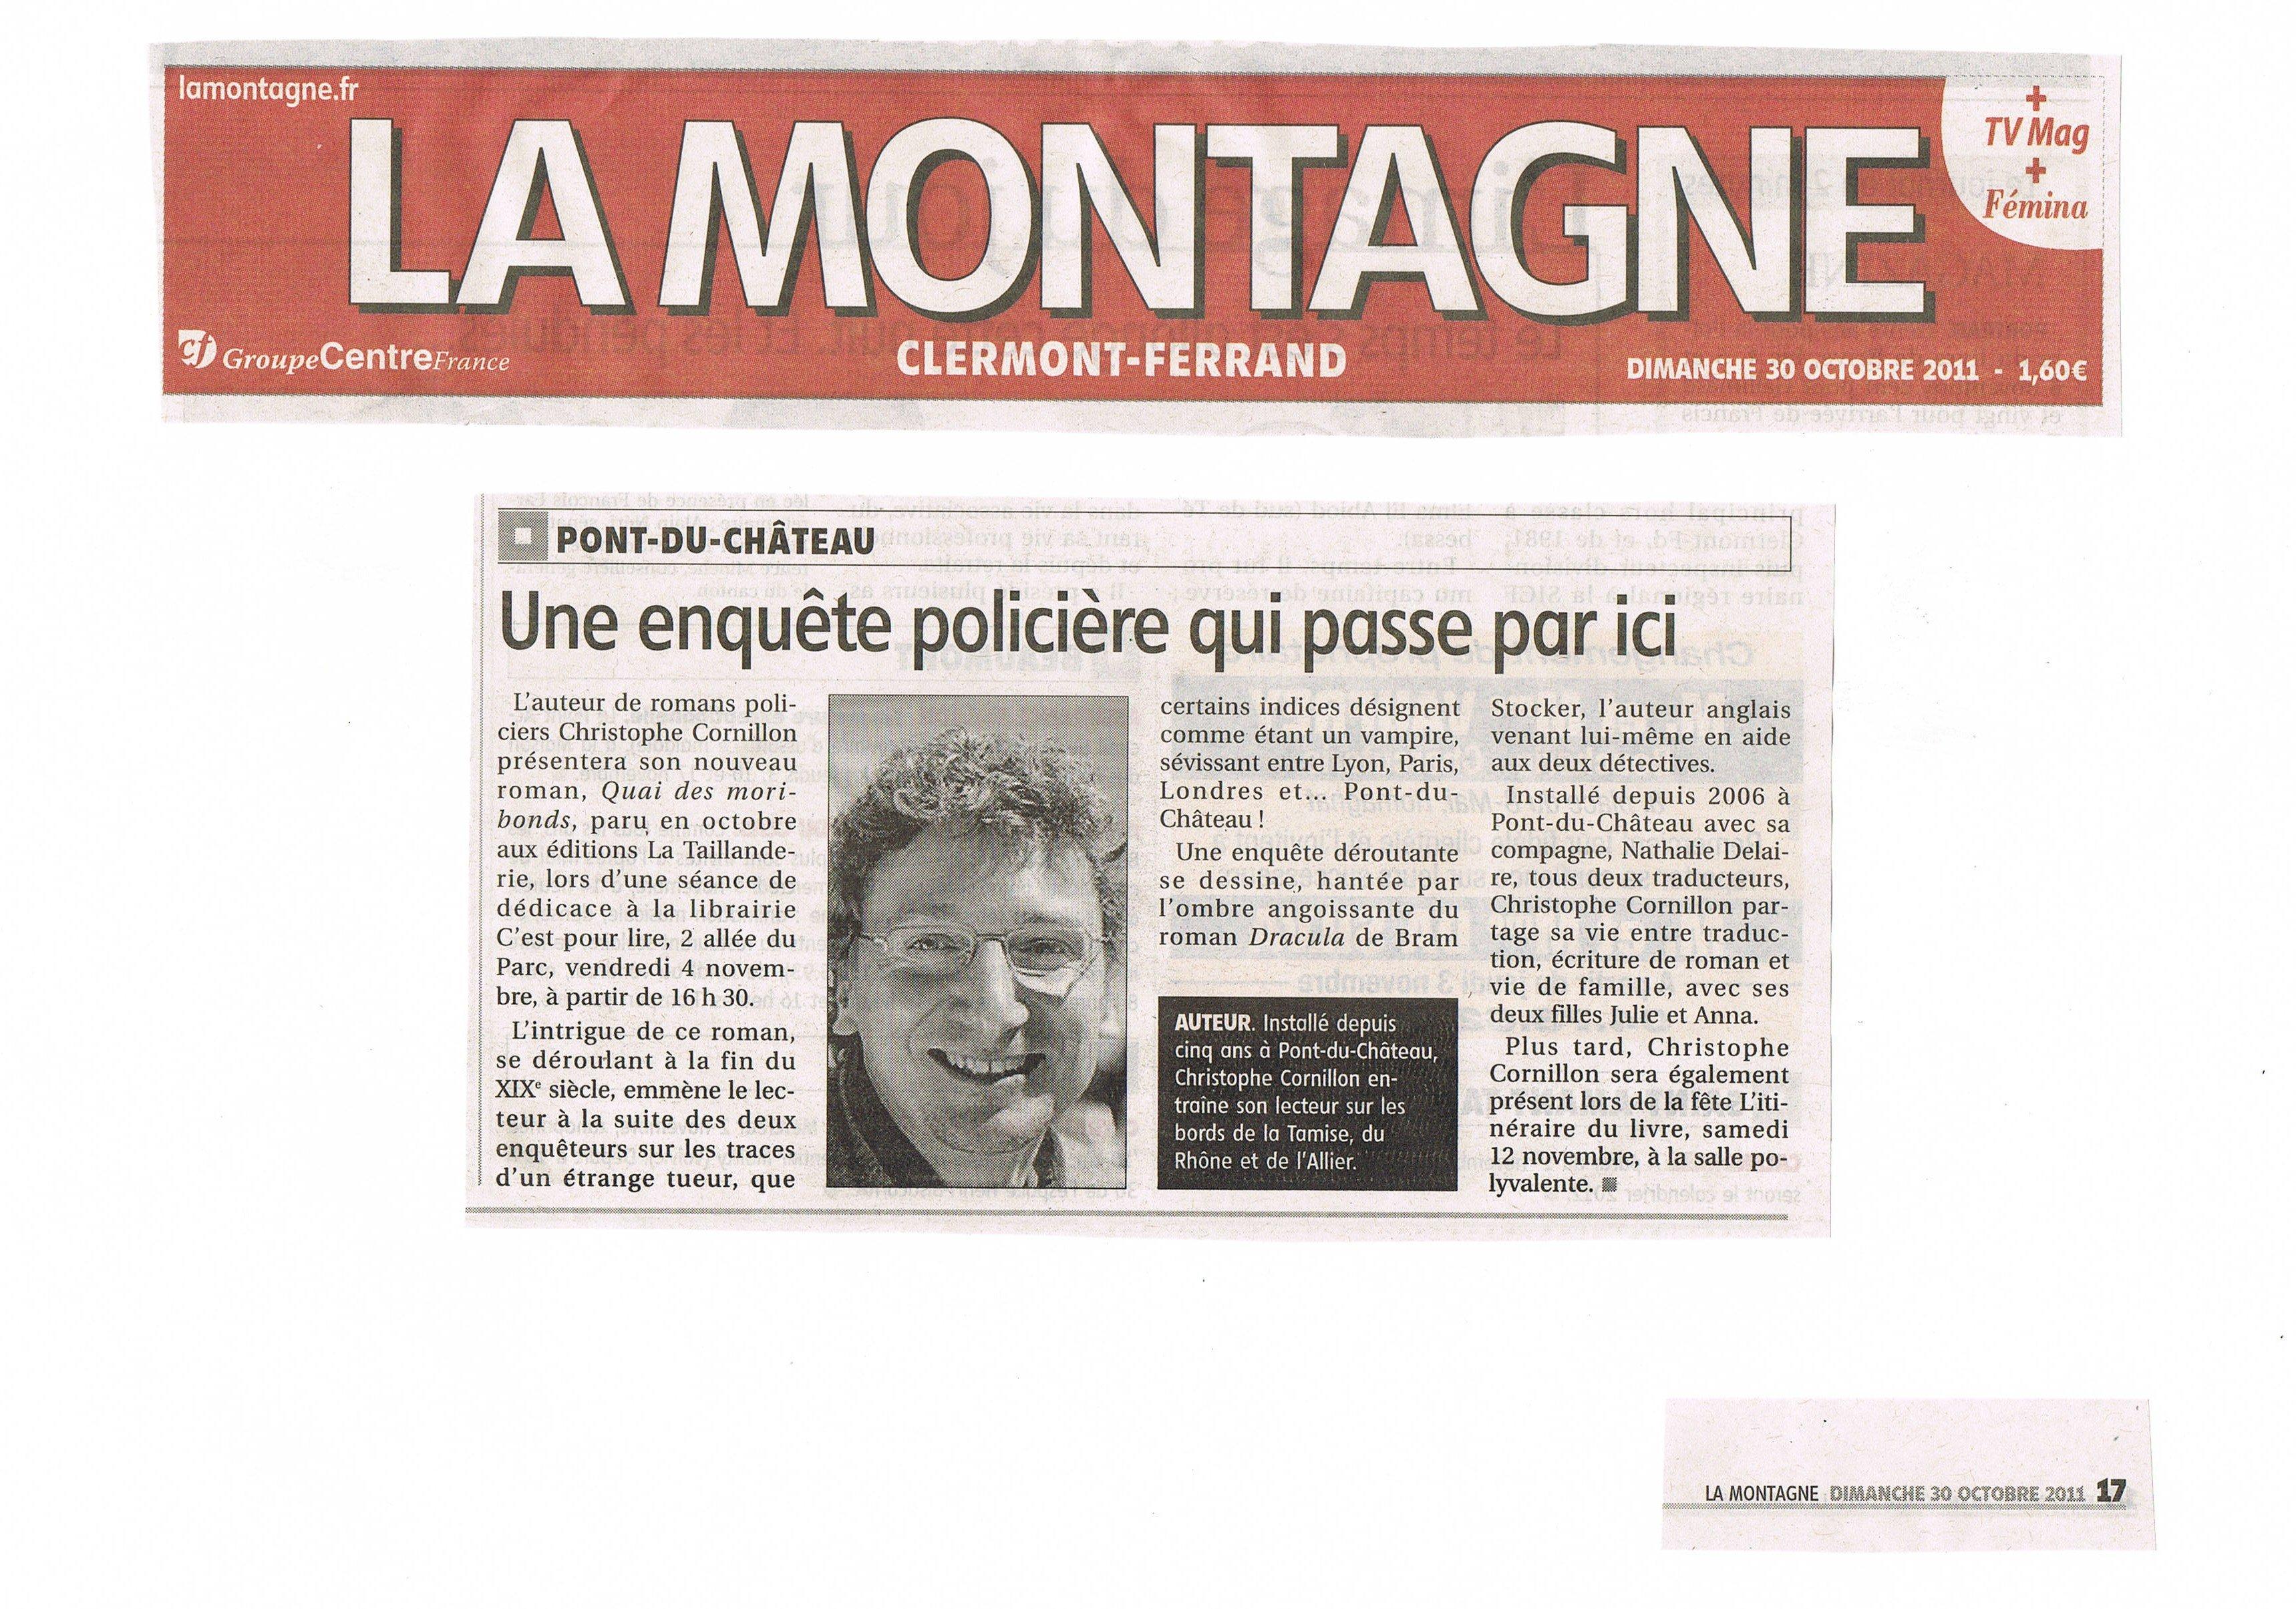 La Montagne 30.10.2011